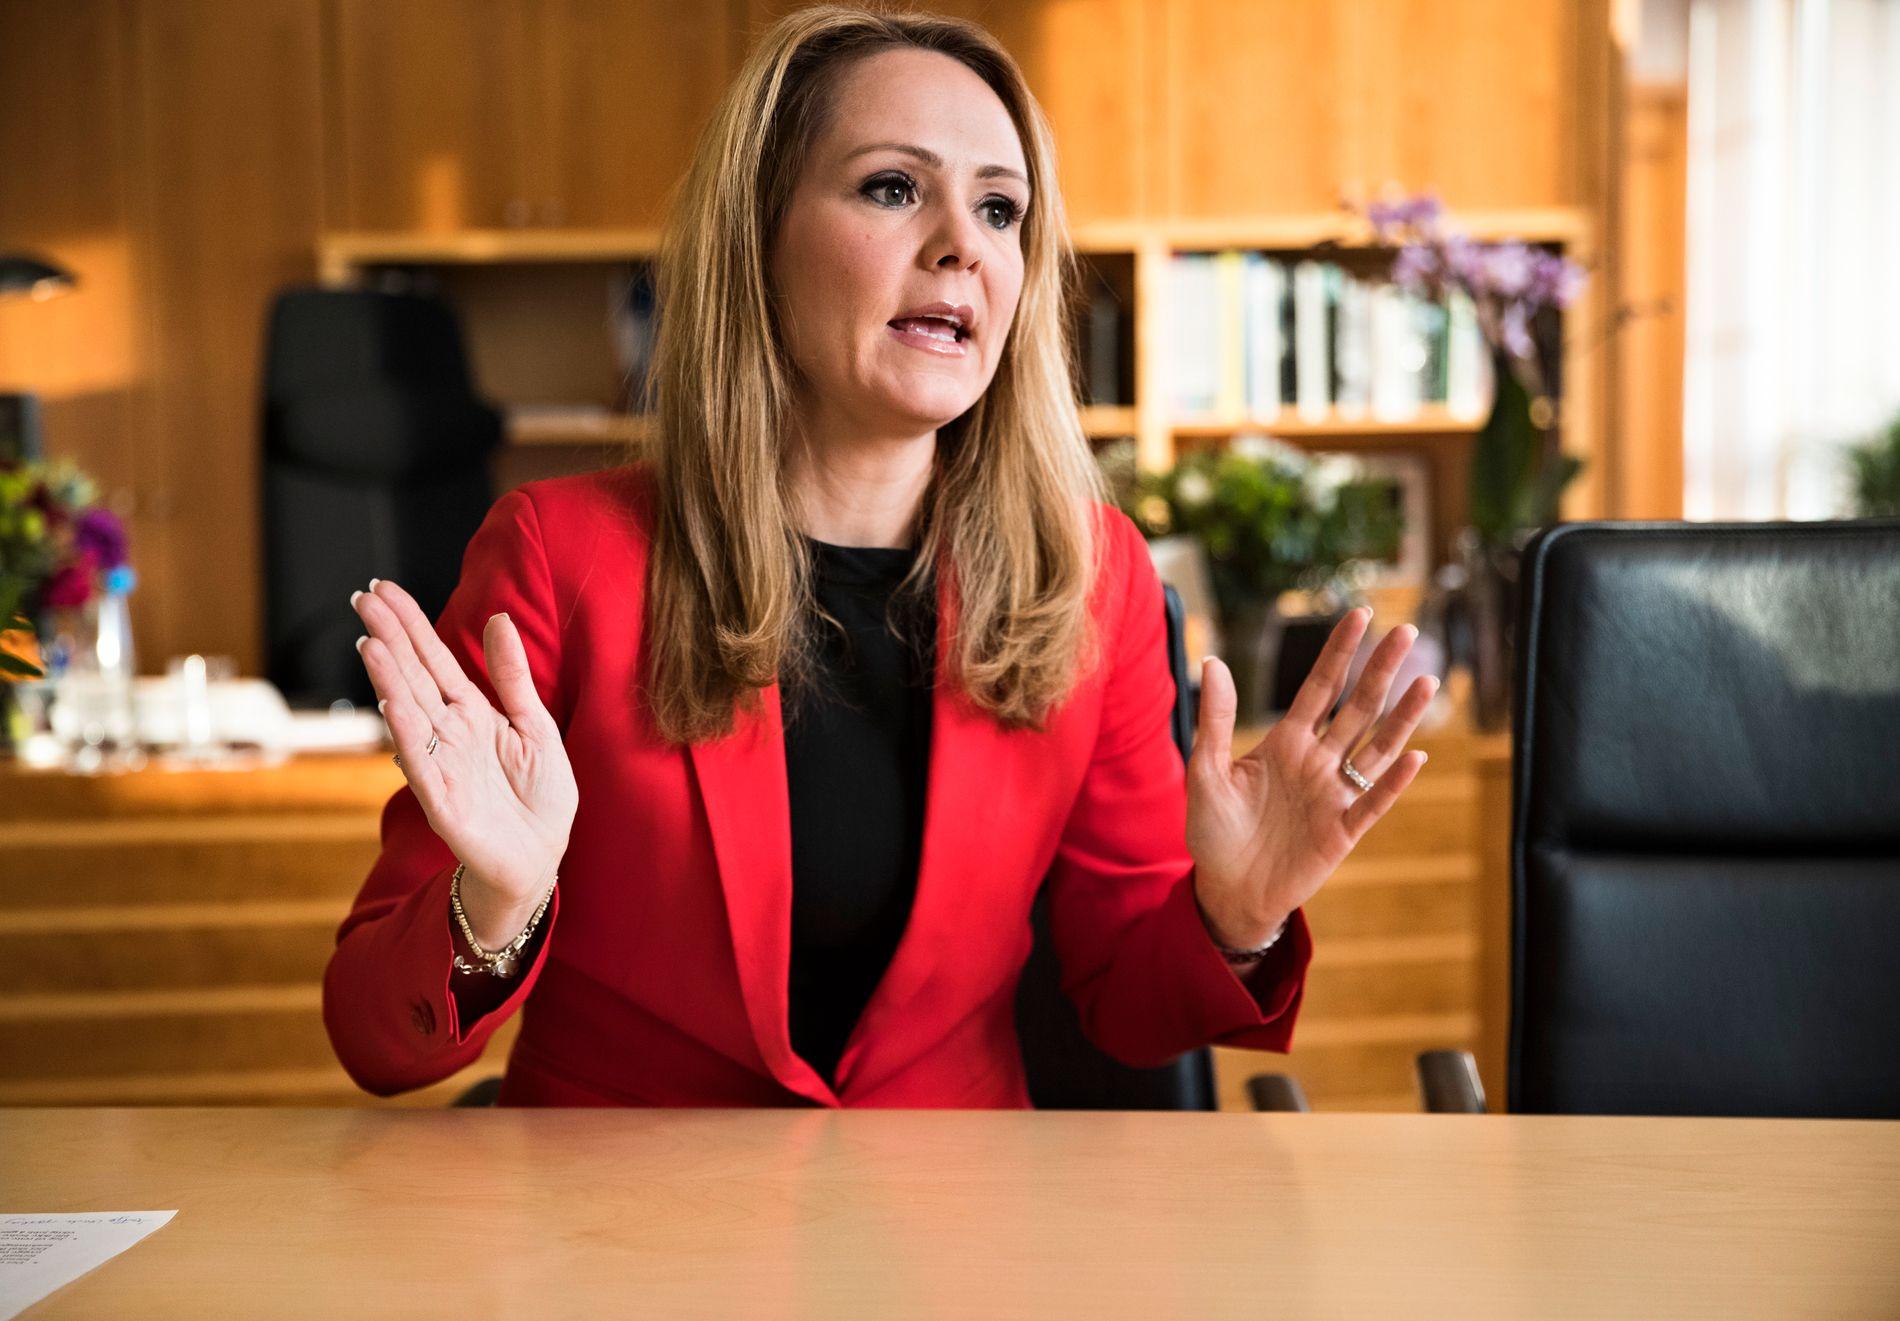 UAKSEPTABELT: Barneminister, Linda Hofstad Helleland (H), reagerer sterkt på funnene i VGs kartlegging.